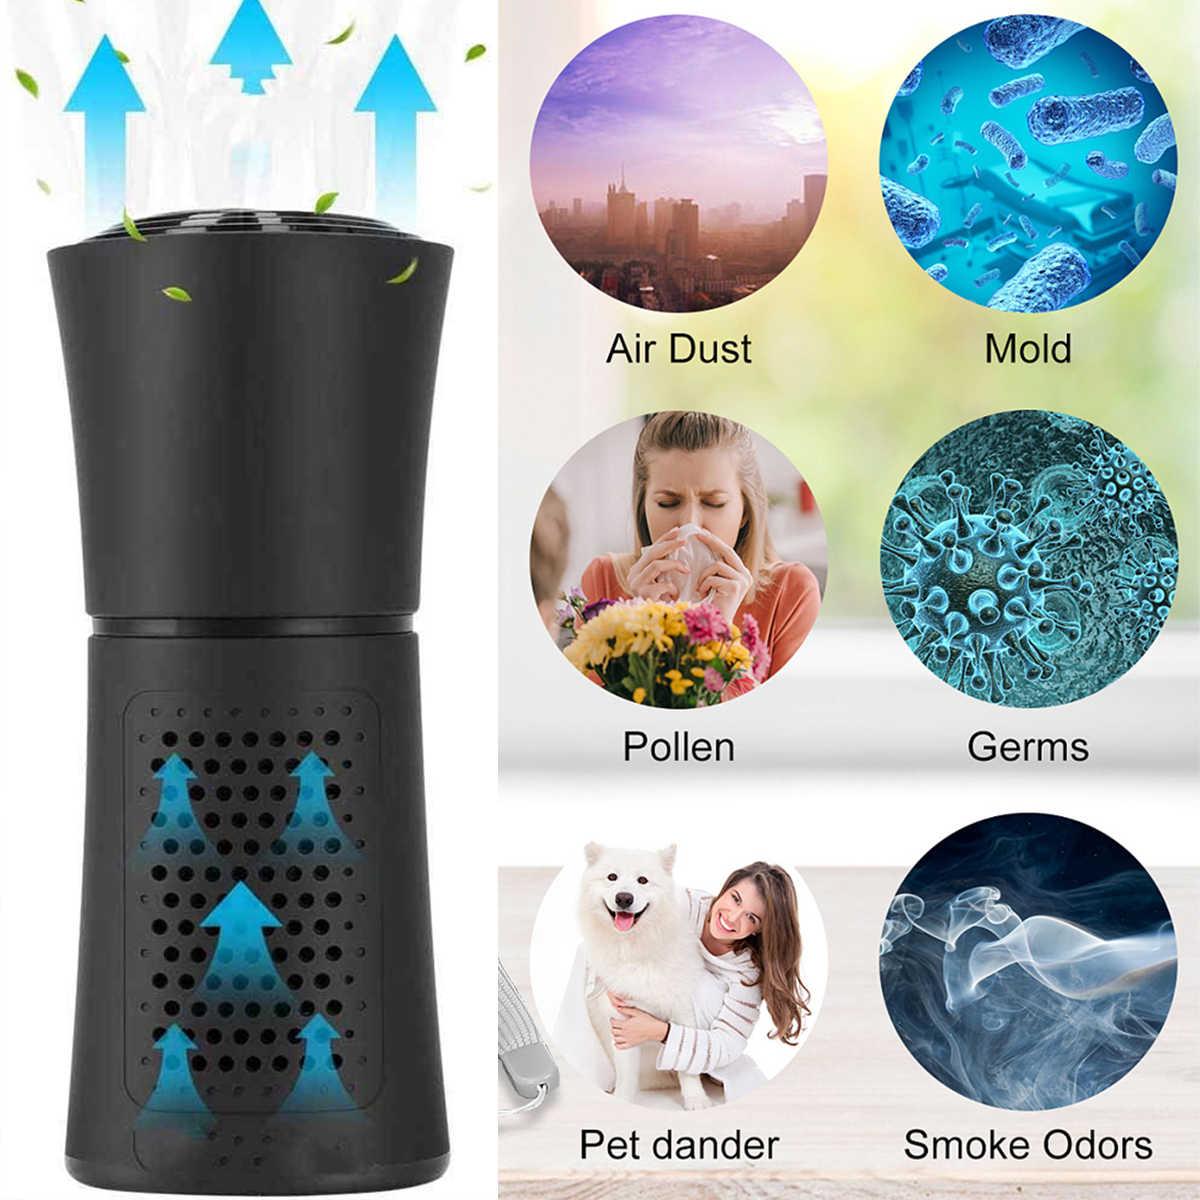 Purificateur d'air 360 degrés | Générateur d'ion négatif avec feuille d'arôme, désodorisant d'air désodorisant, voiture USB tuer les bactéries, purificateur d'air